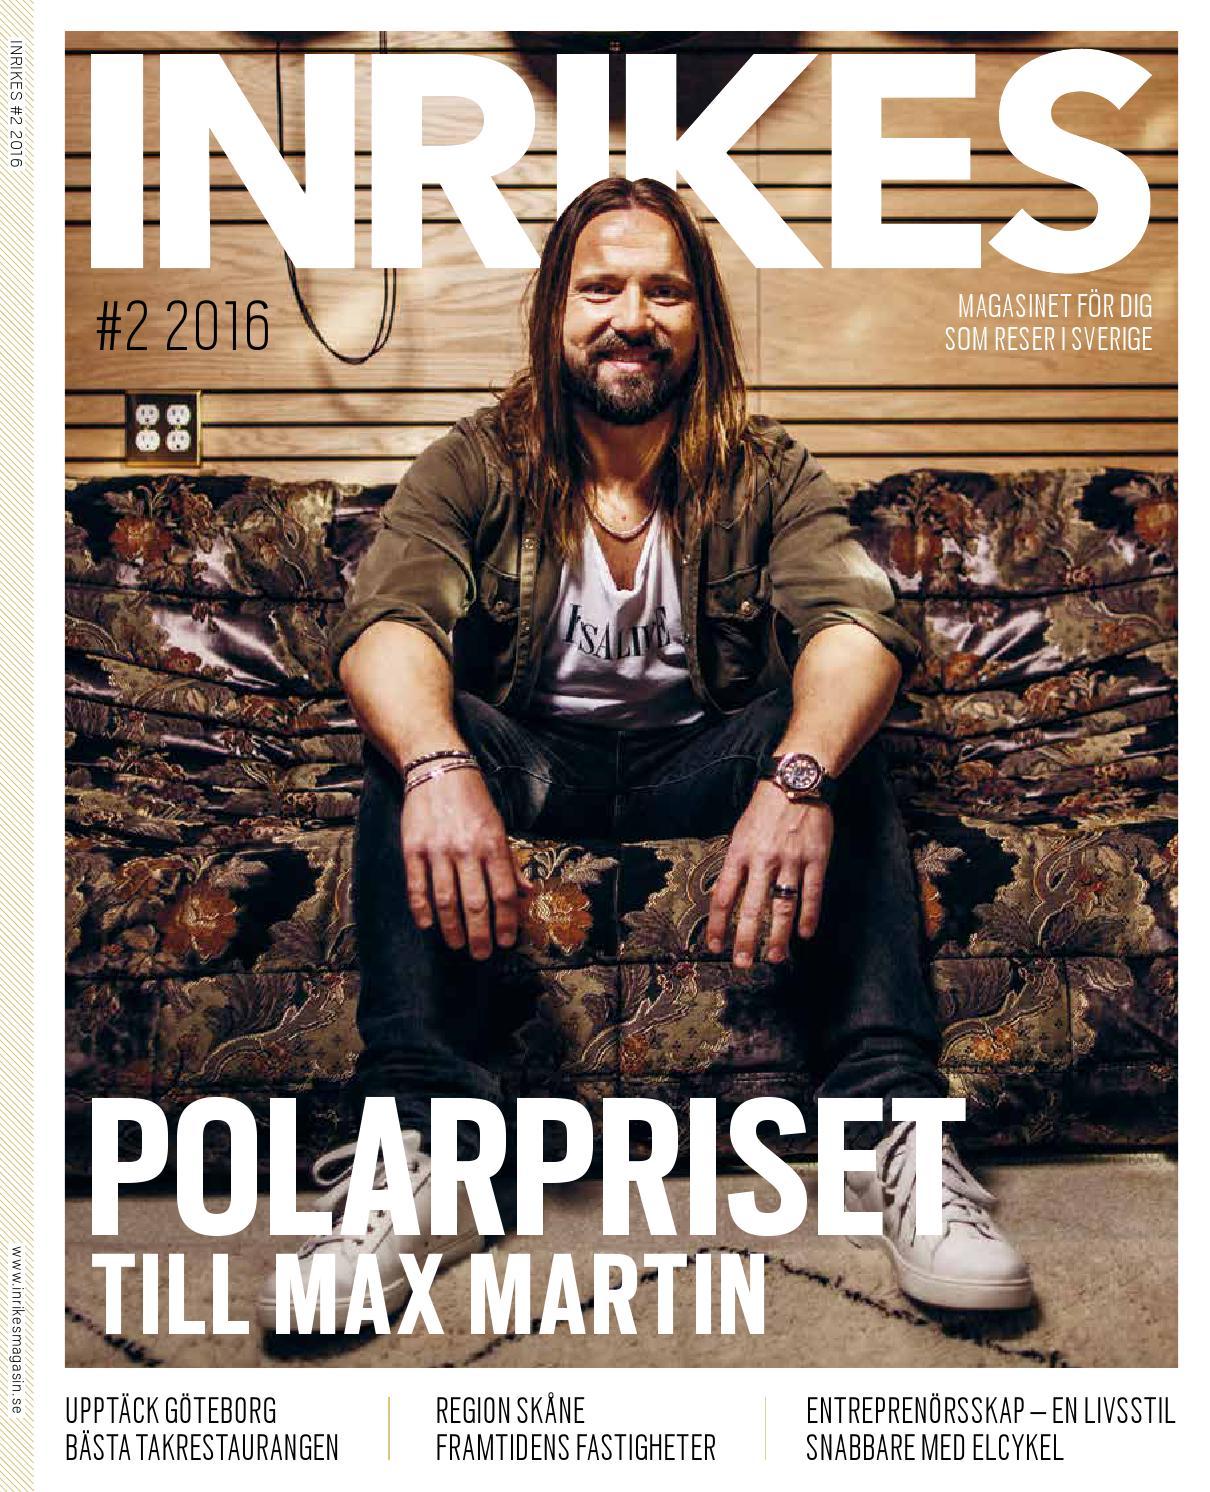 Dejting Uppsala   Hitta krleken bland singelfrldrar